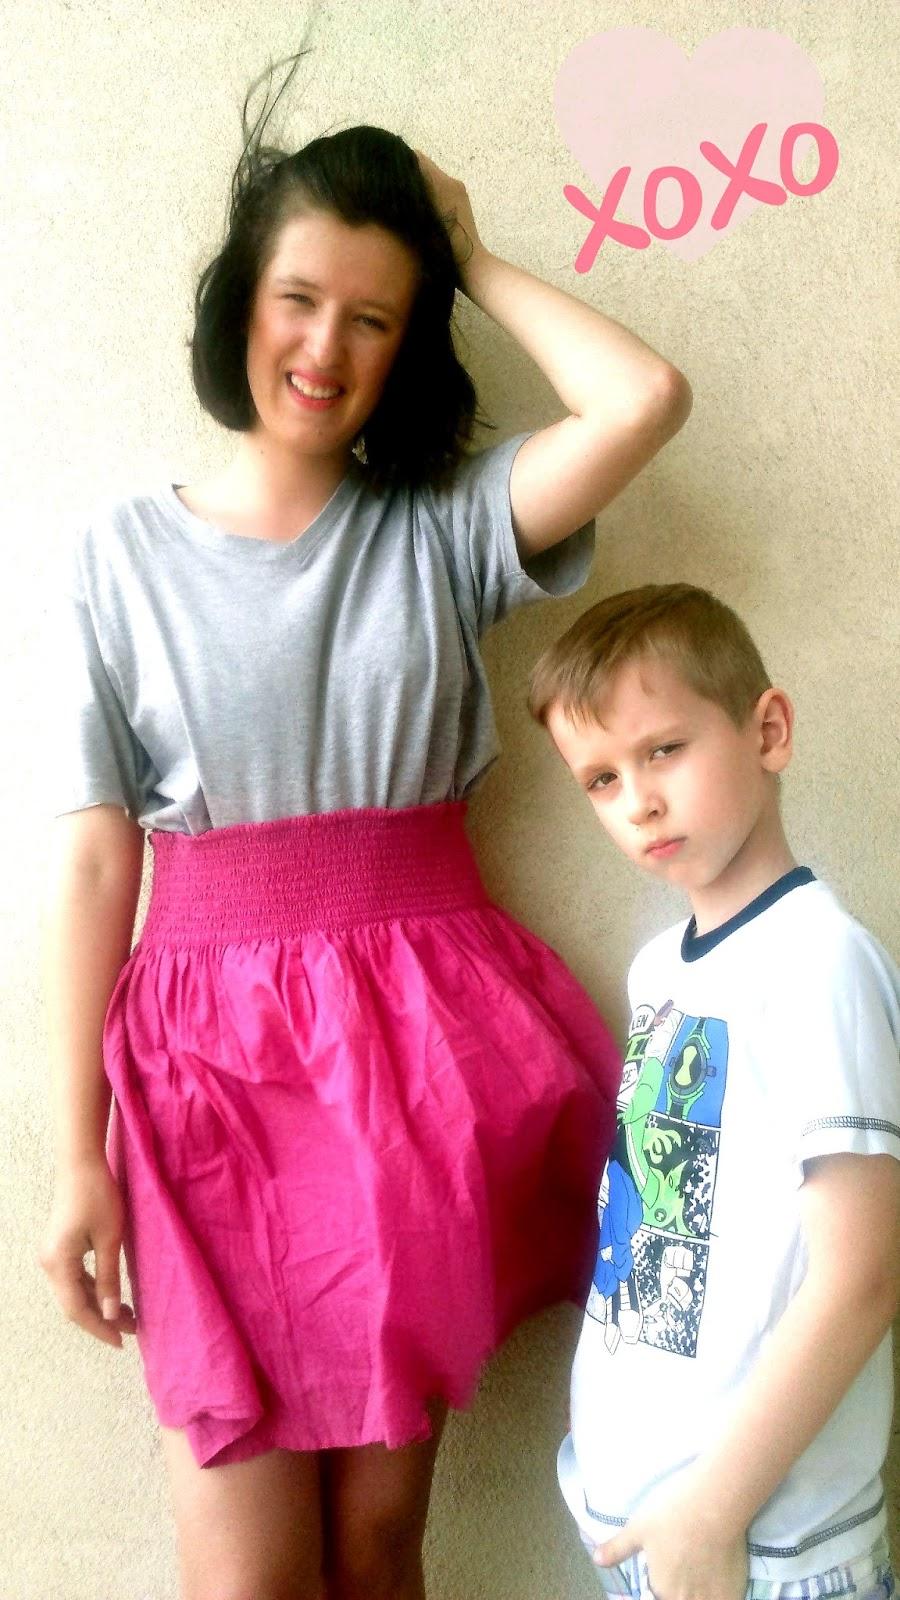 ZACHOWAJ W SOBIE DZIECKO / OUTFIT DOMOWY / BE A CHILD / OUTFIT FROM HOME